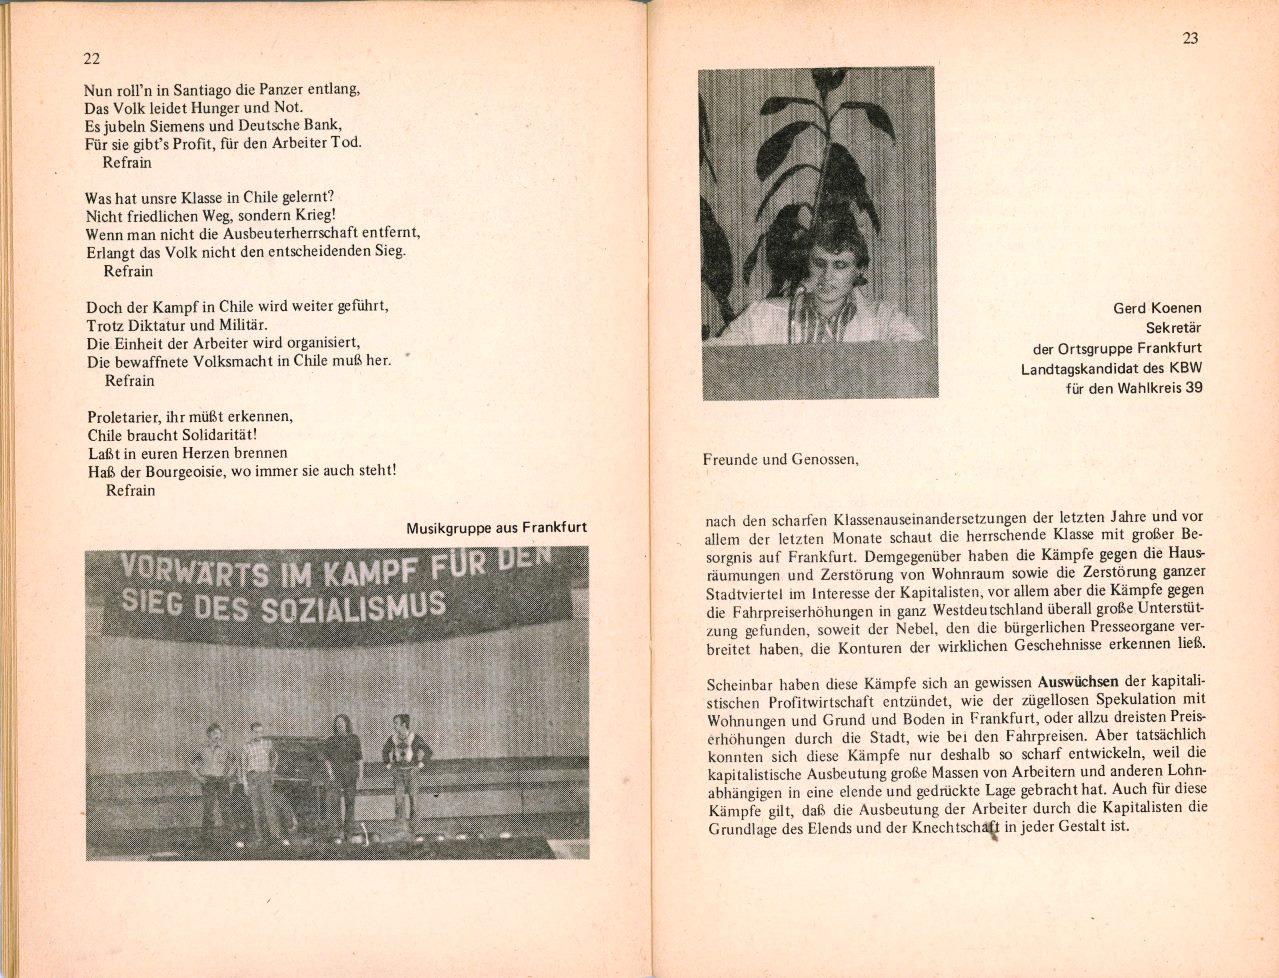 Hessen_KBW_LTW_Kundgebung_in_Wiesbaden_30_09_1974_13